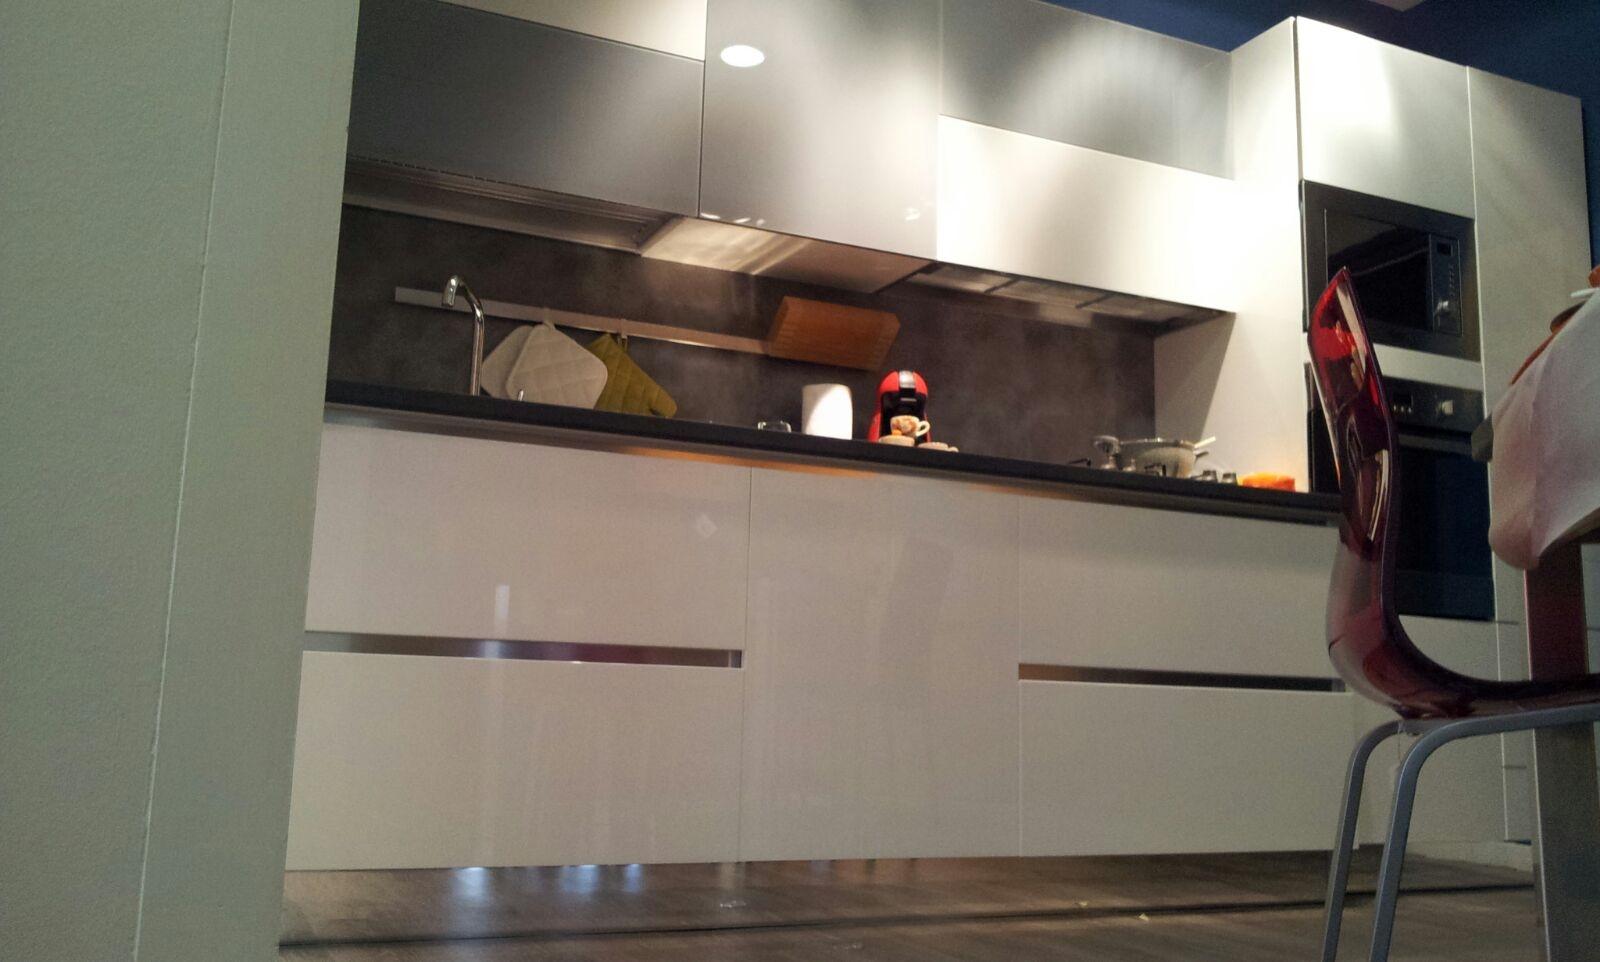 stosa cucine cucina aleve' aliant bianca e vetro scontato del -56 ... - Cucine Stosa Outlet